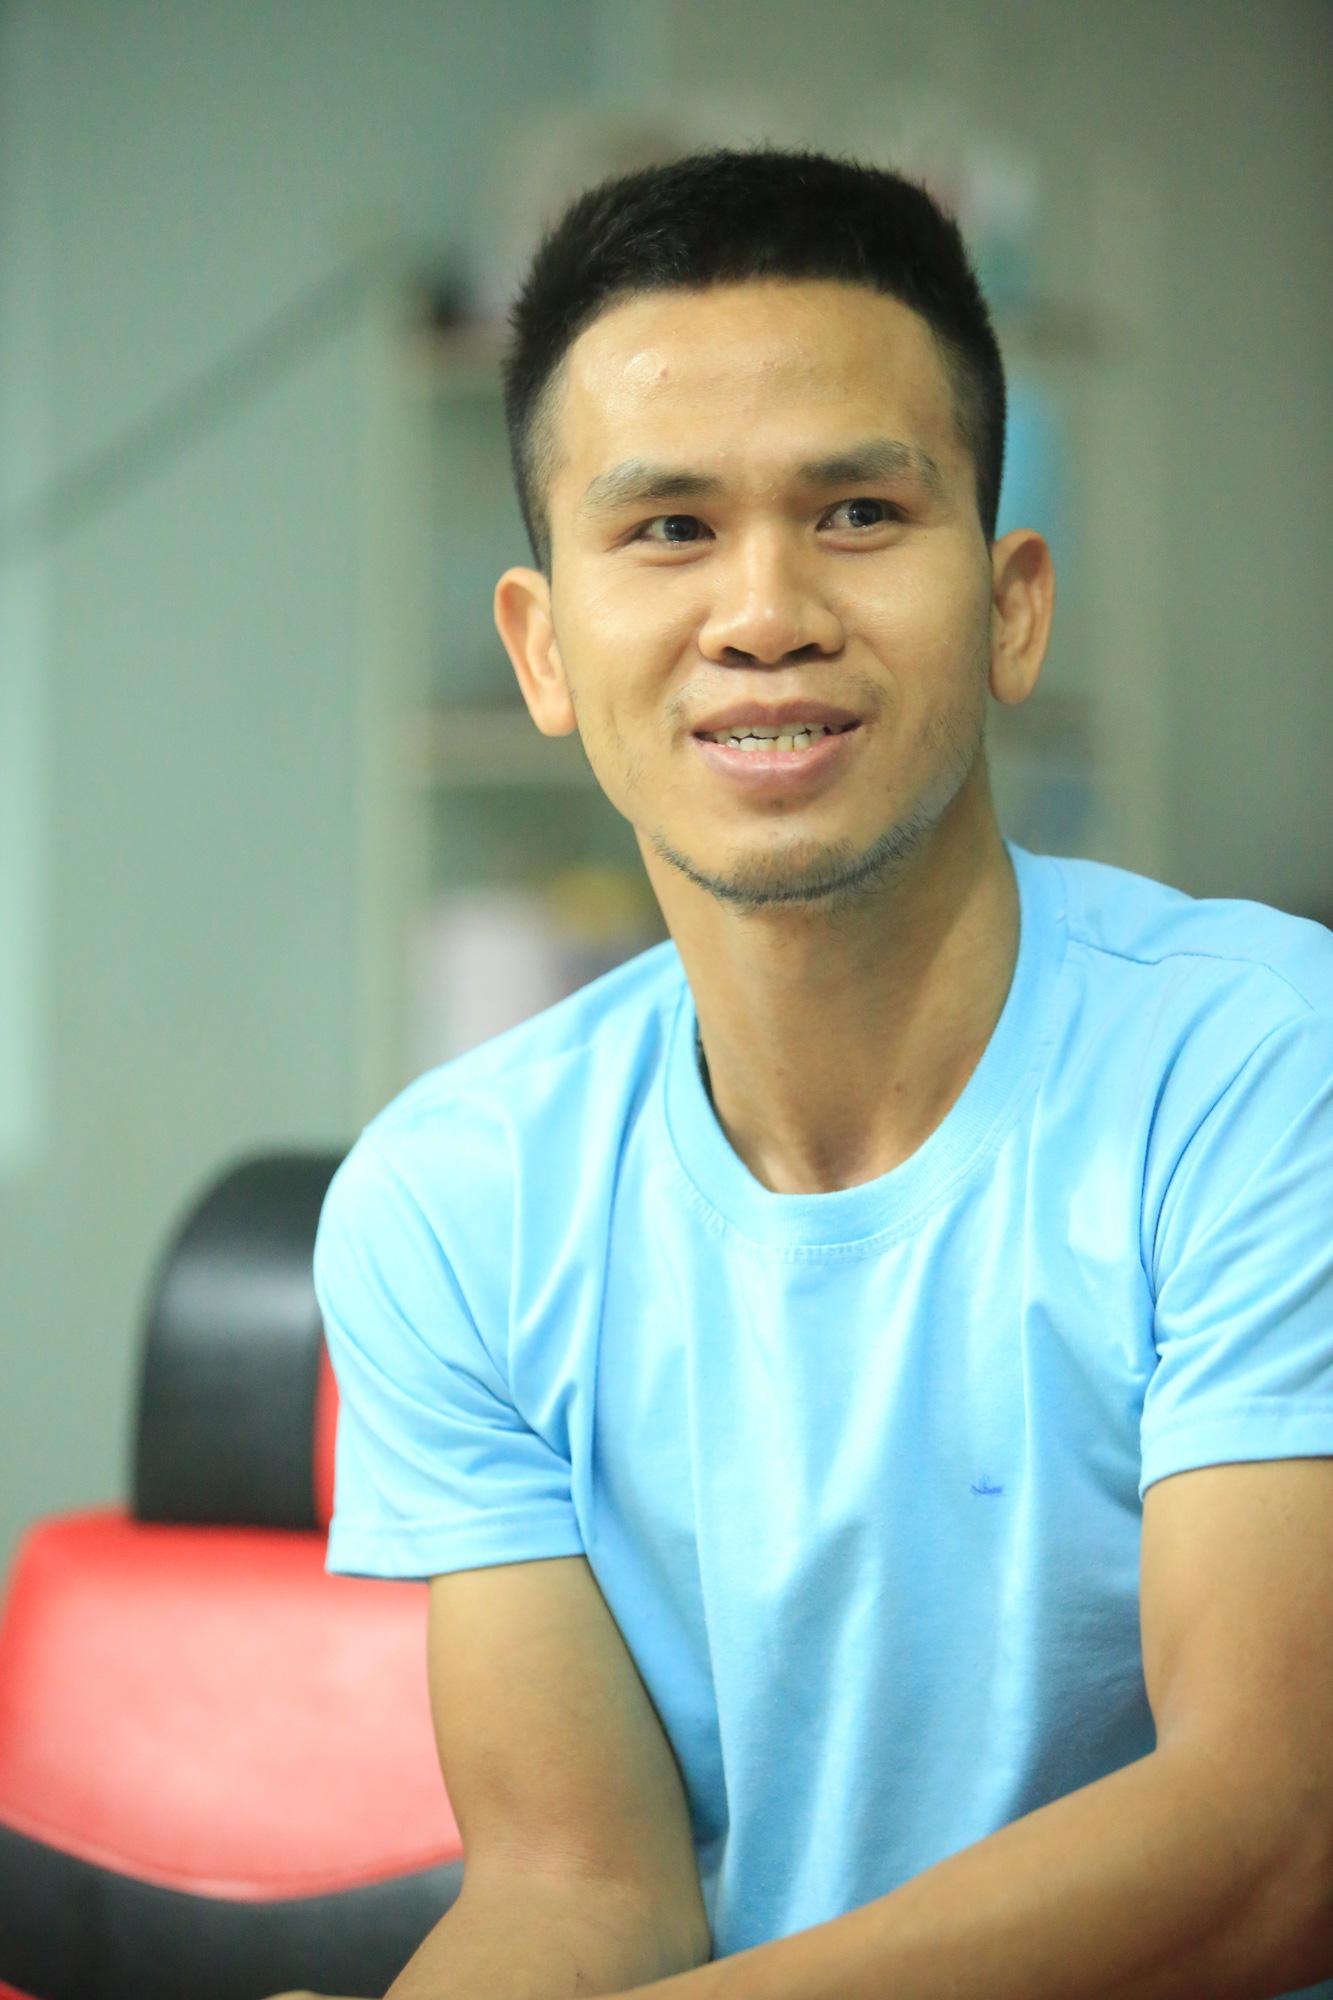 Những hình ảnh đời thường của người hùng Nguyễn Ngọc Mạnh - Ảnh 4.